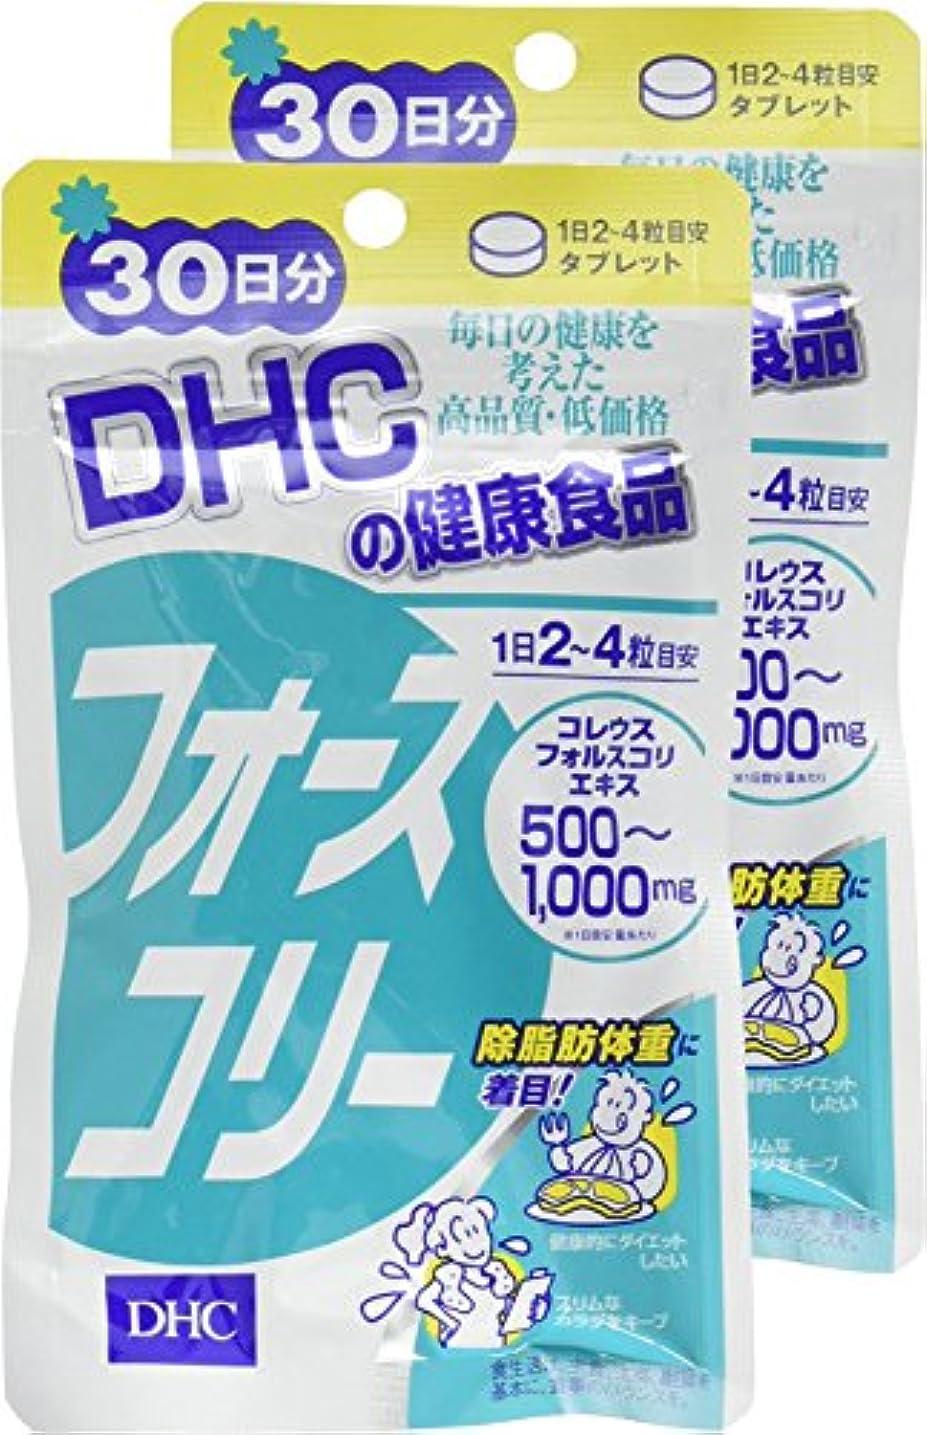 素晴らしきモナリザ電卓DHC フォースコリー 30日分 120粒 ×2個セット